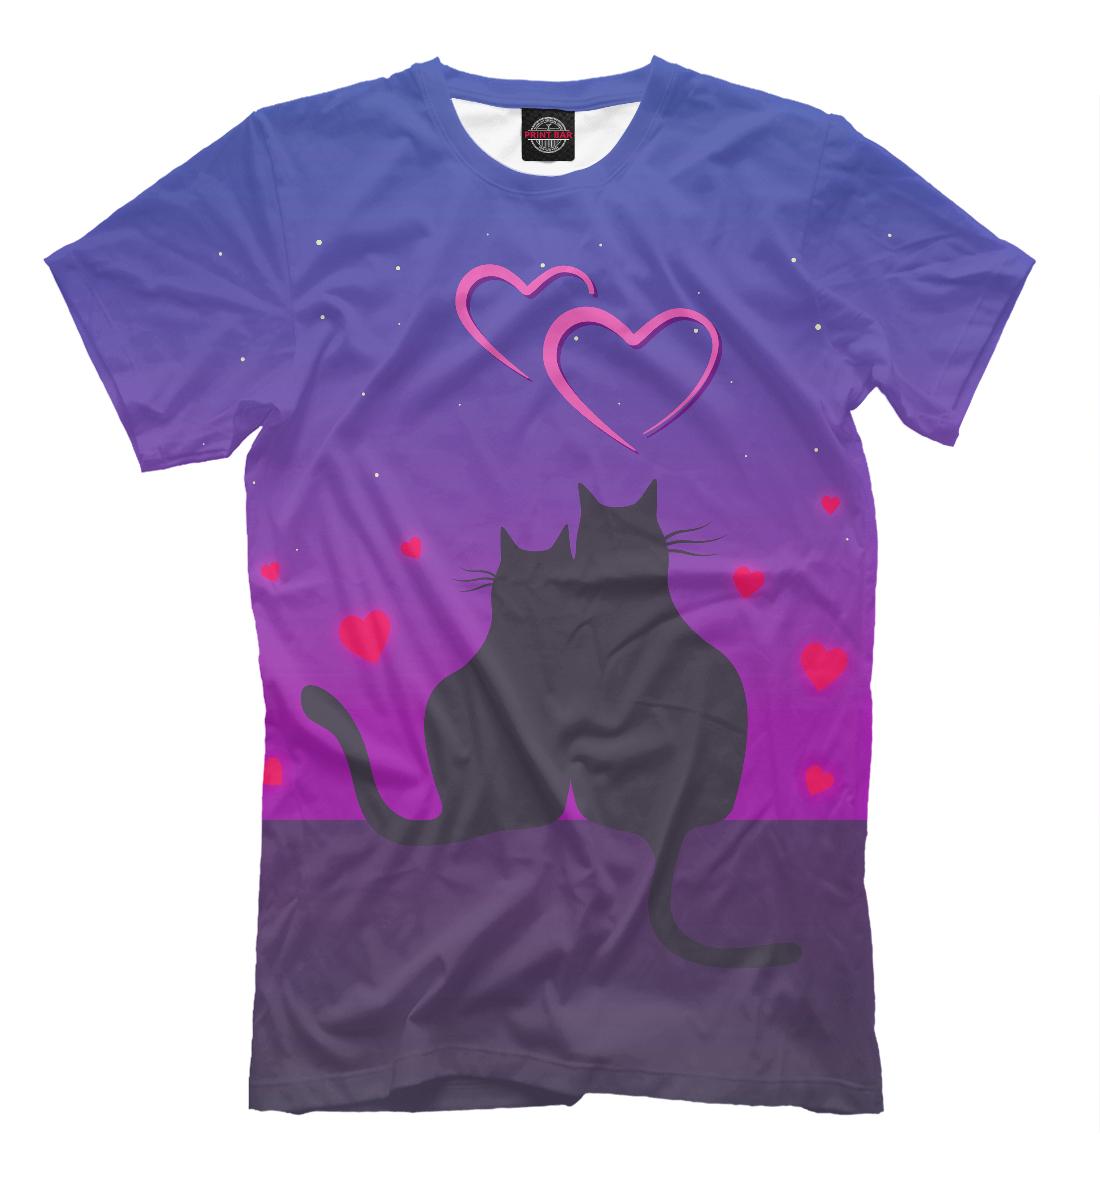 Купить Cat's desire. Парные футболки., Printbar, Футболки, 14F-763648-fut-2